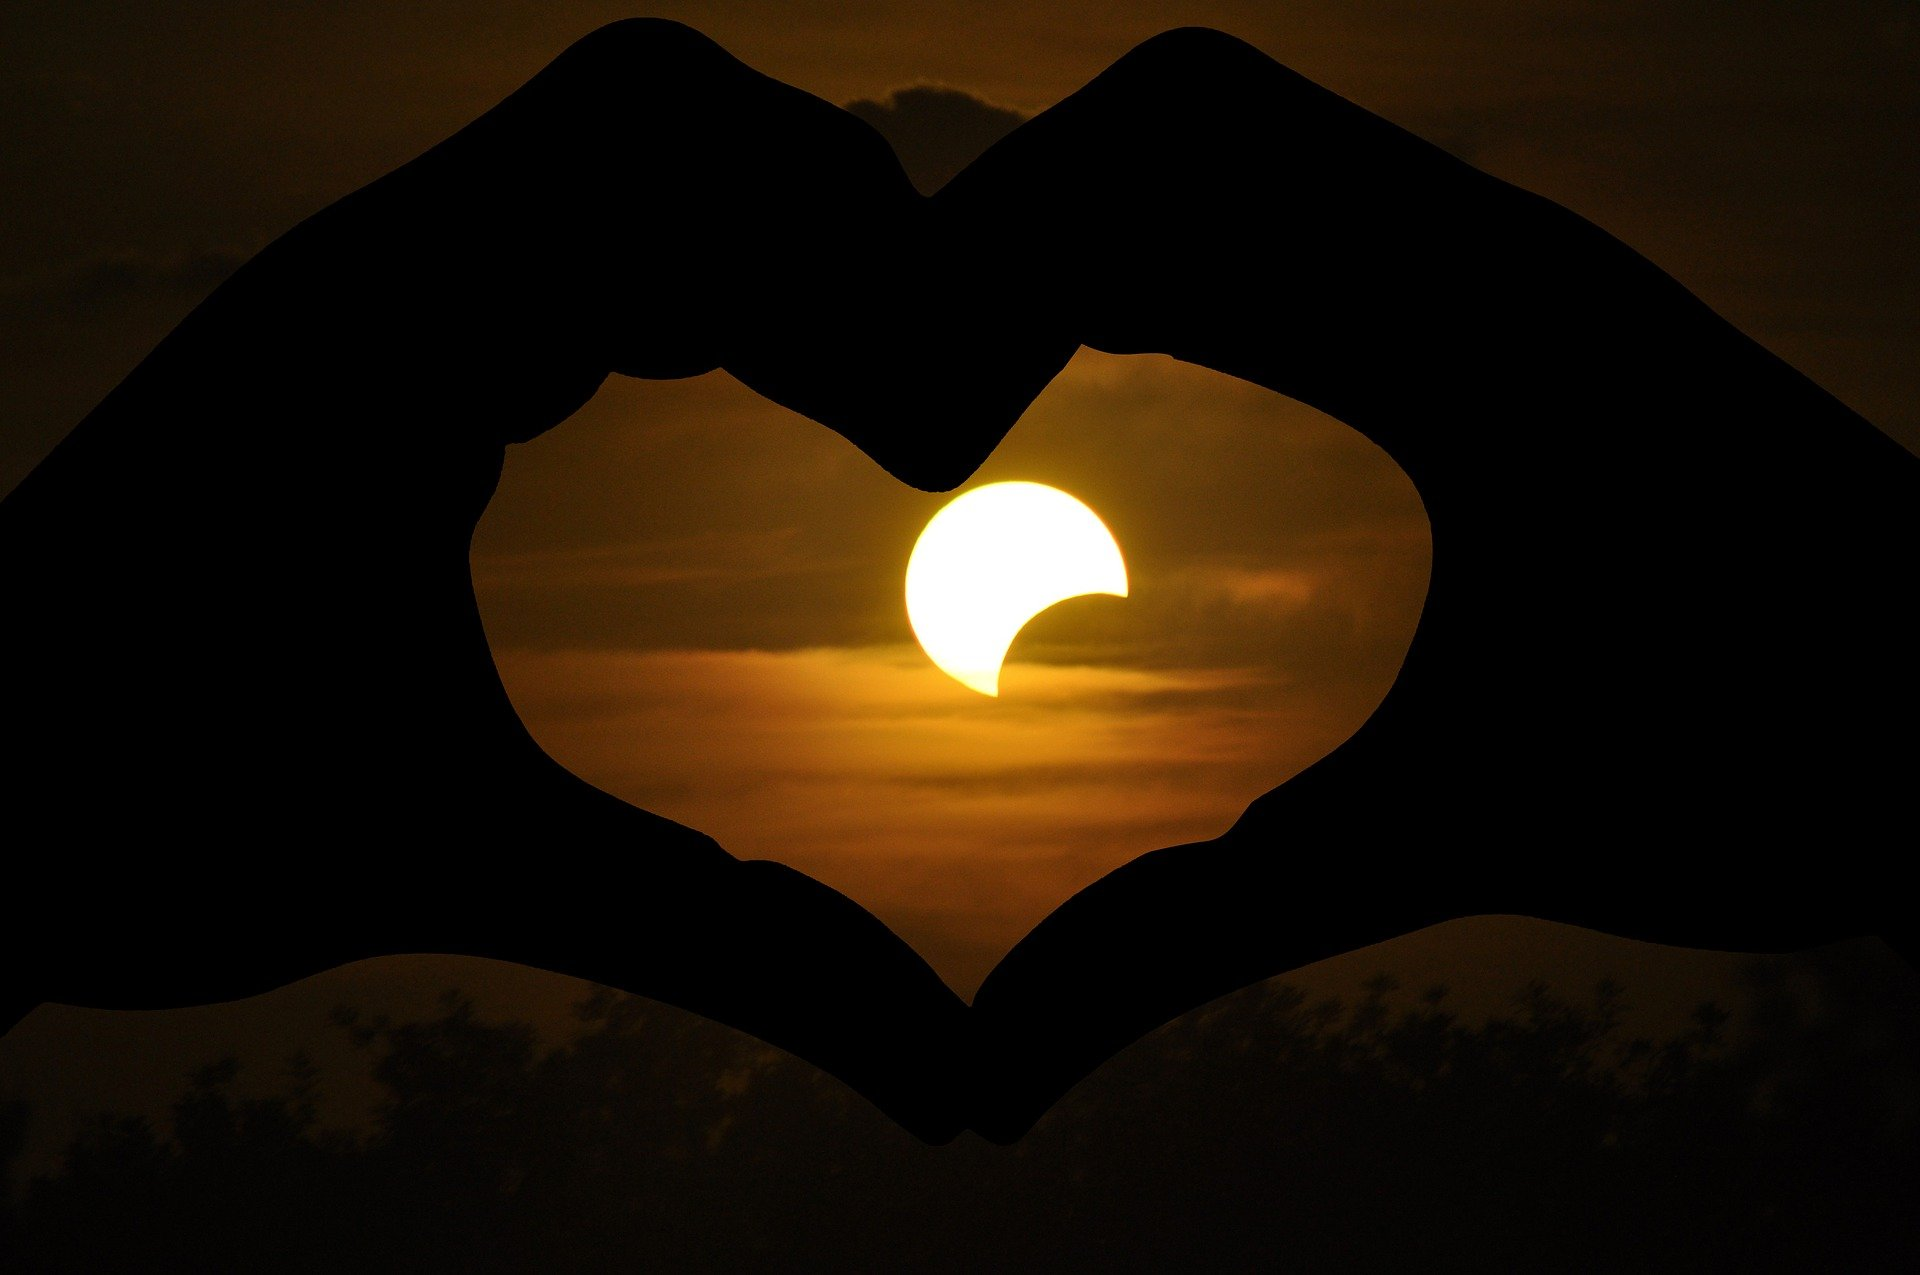 Energetische update Zonsverduistering en nieuwe maan 10 juni 2021 ♥ Willemien Timmer ♥ Lichtwerkers Nederland